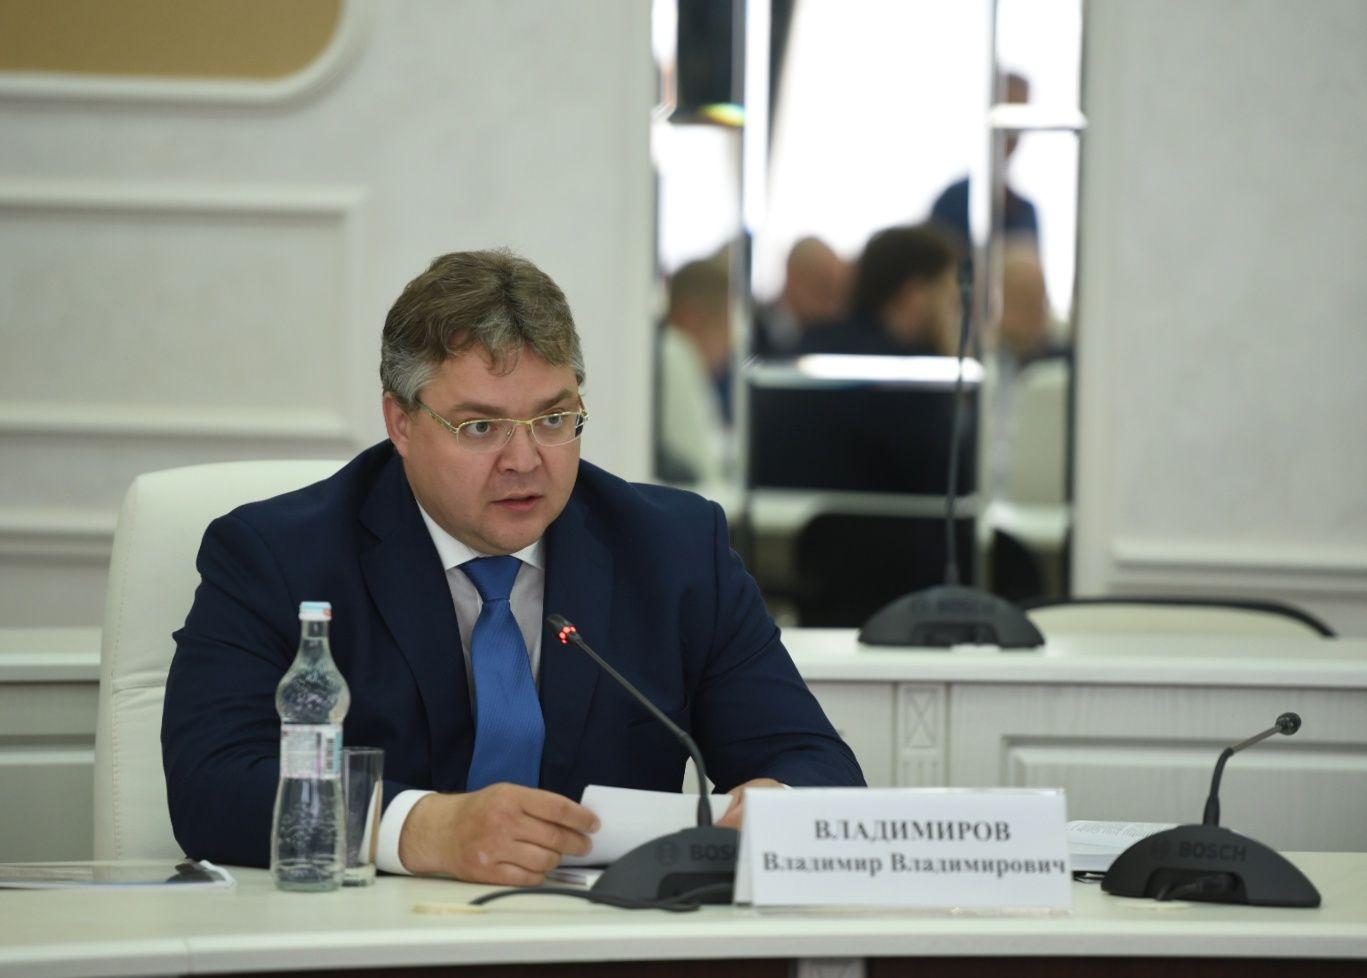 Магомедсалам Магомедов: четверть граждан СКФО допускает межнациональный конфликт